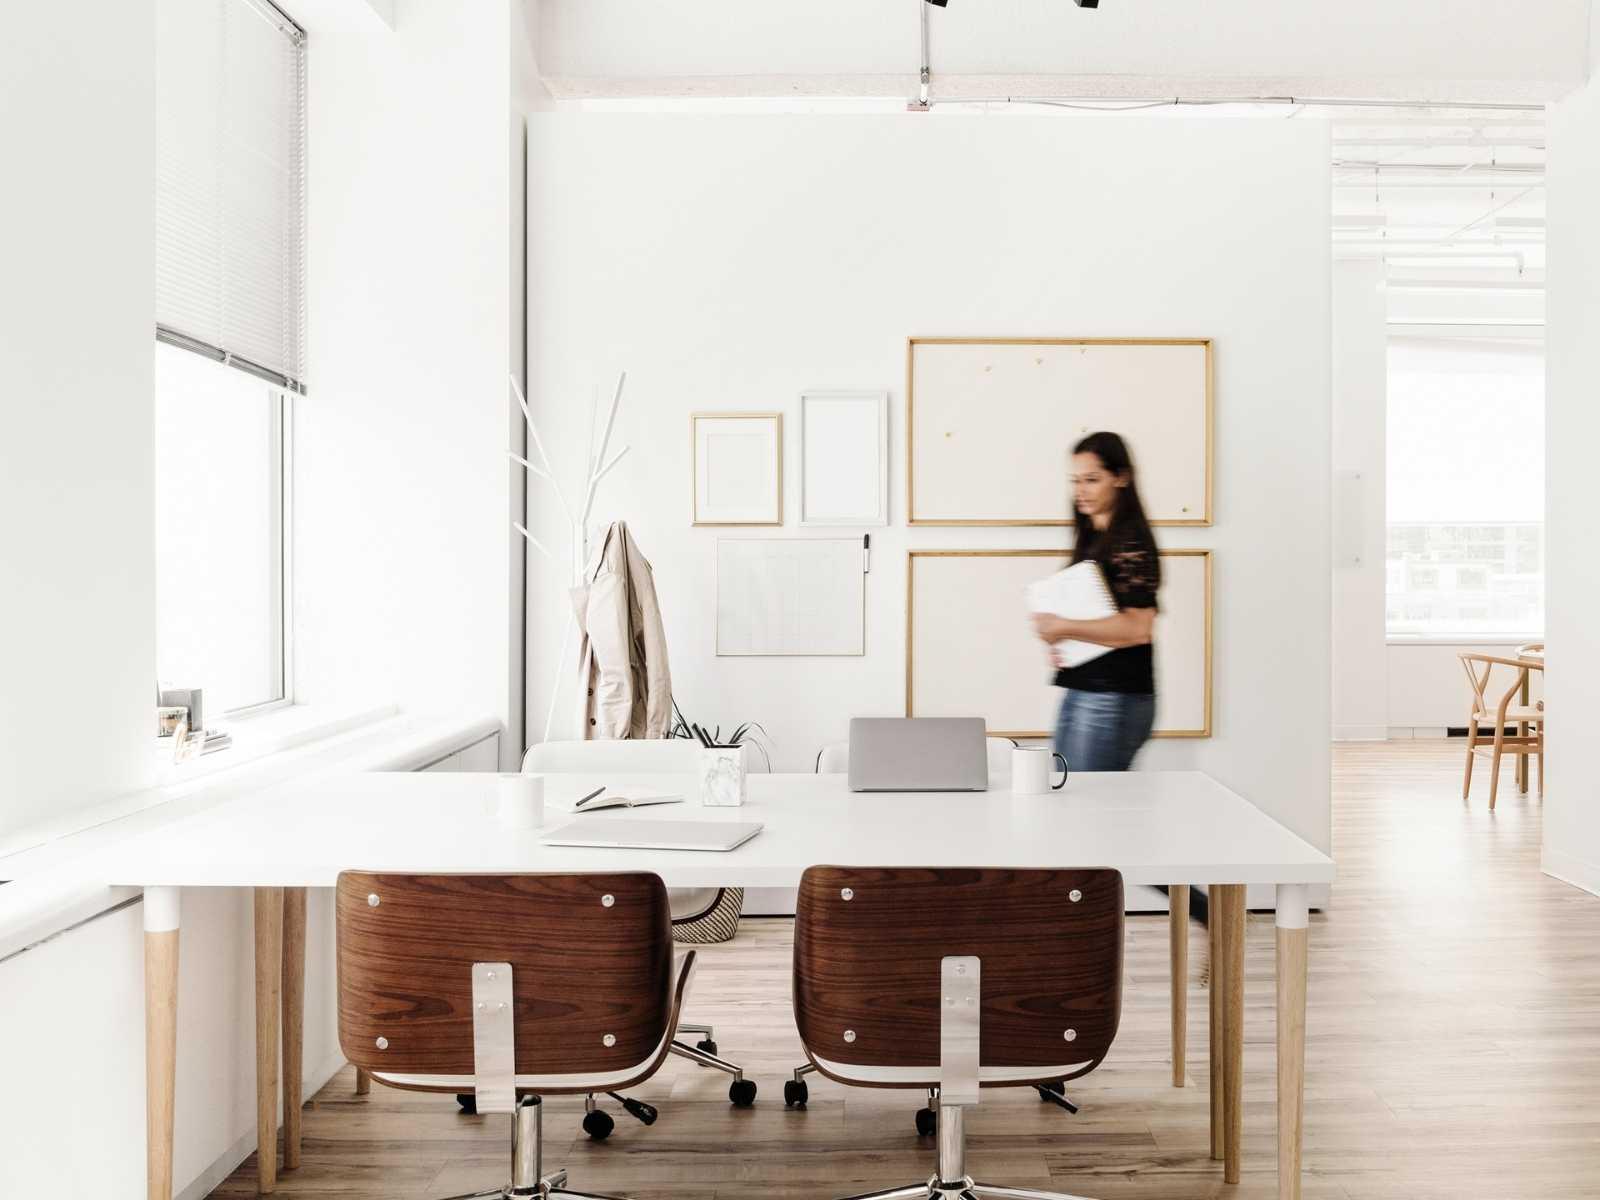 Woman rushing around office